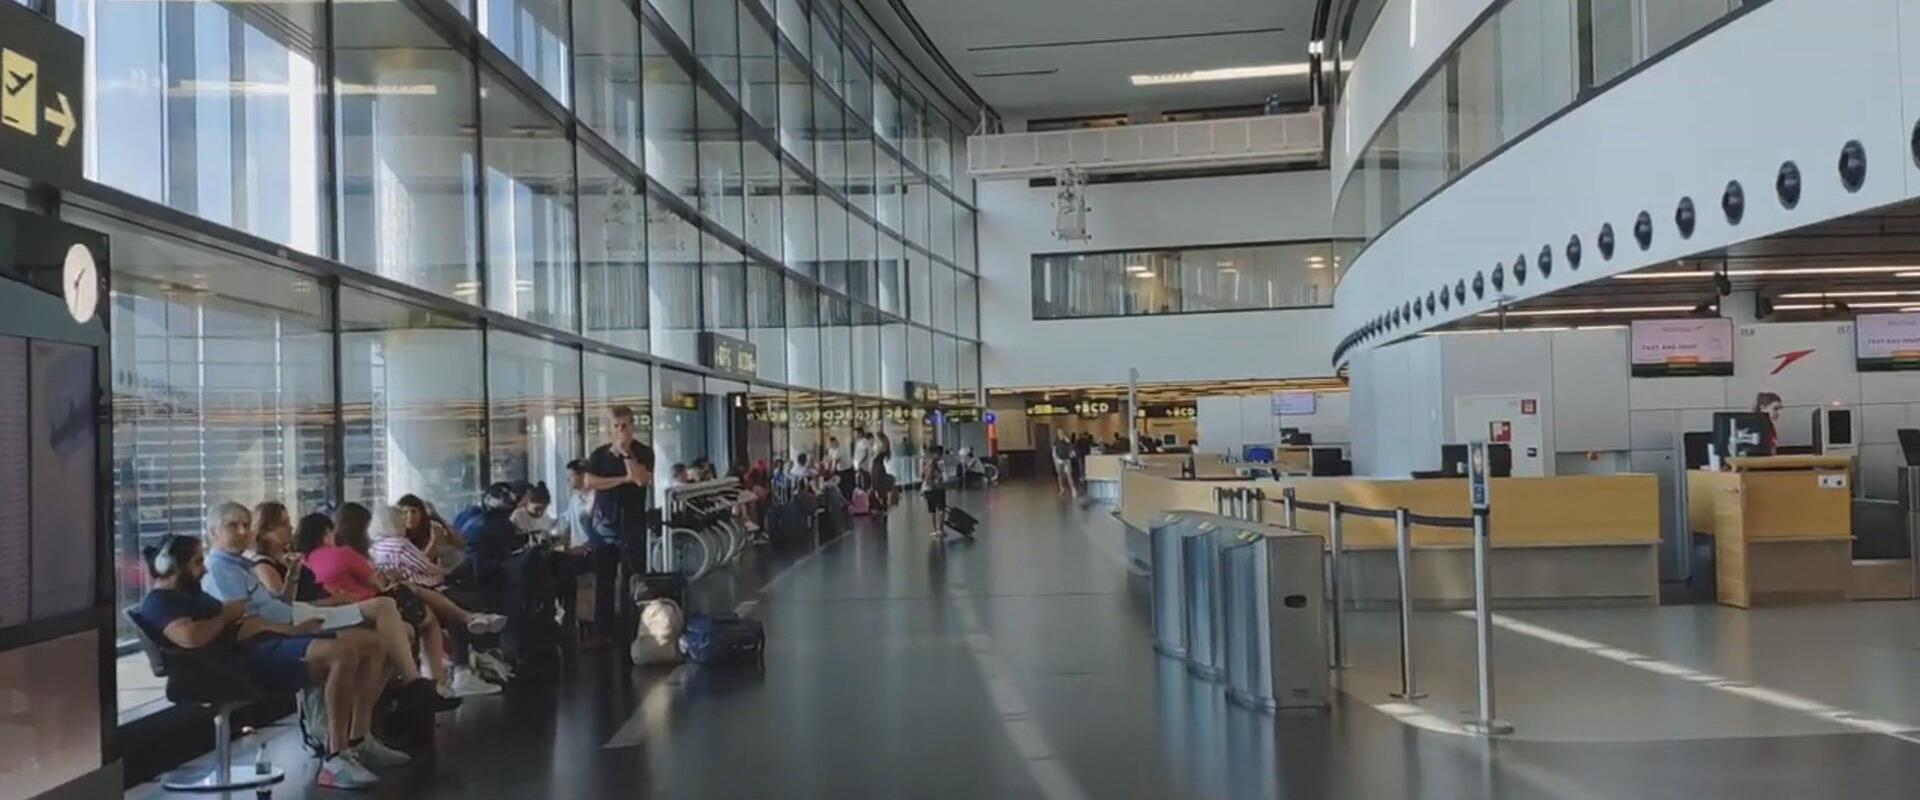 שדה התעופה בווינה, ארכיון